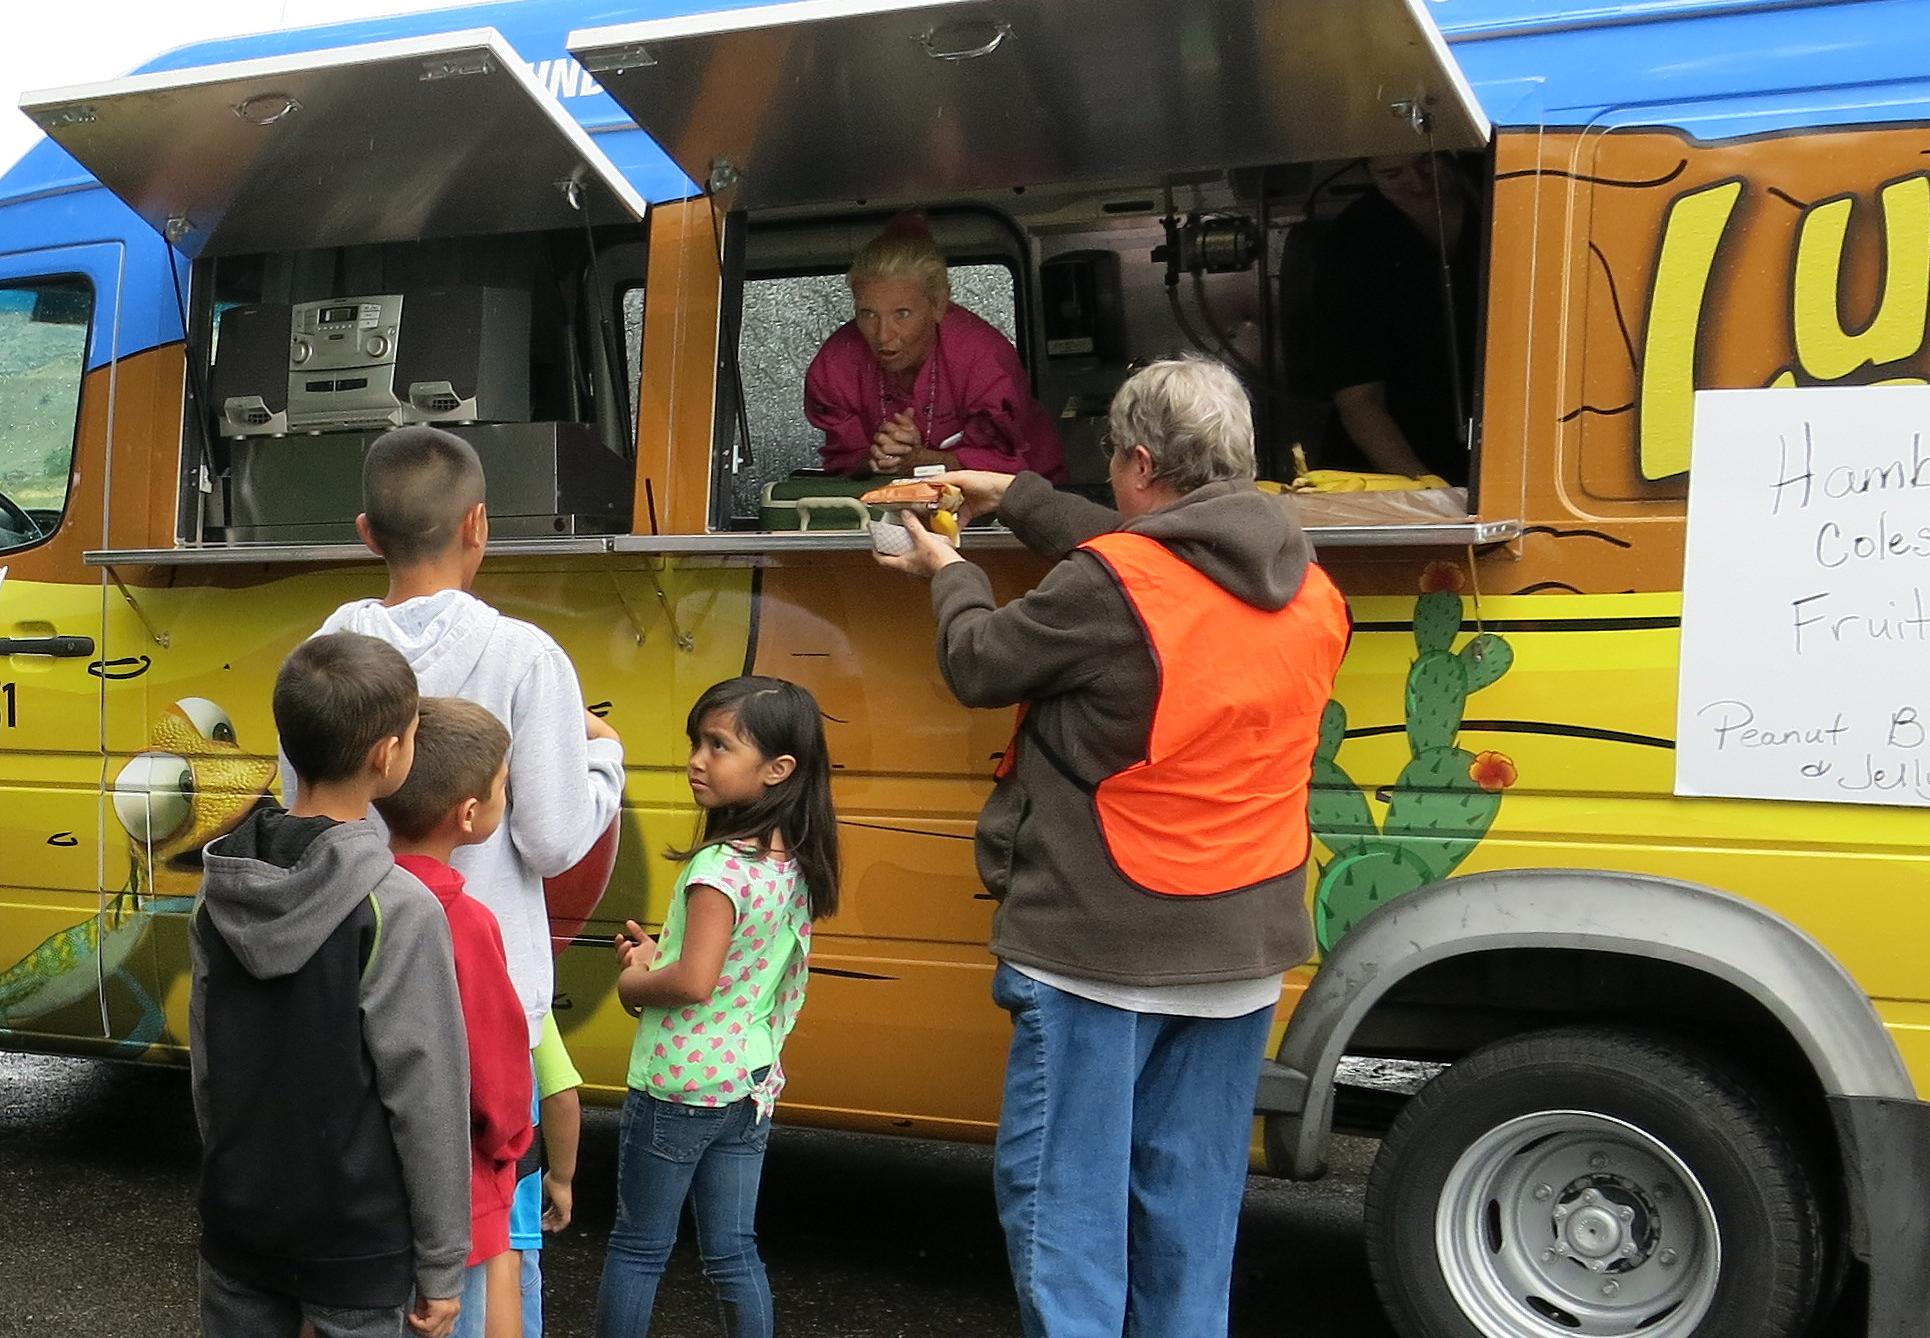 Lizard Lunch food truck summer hunger (STAFF)